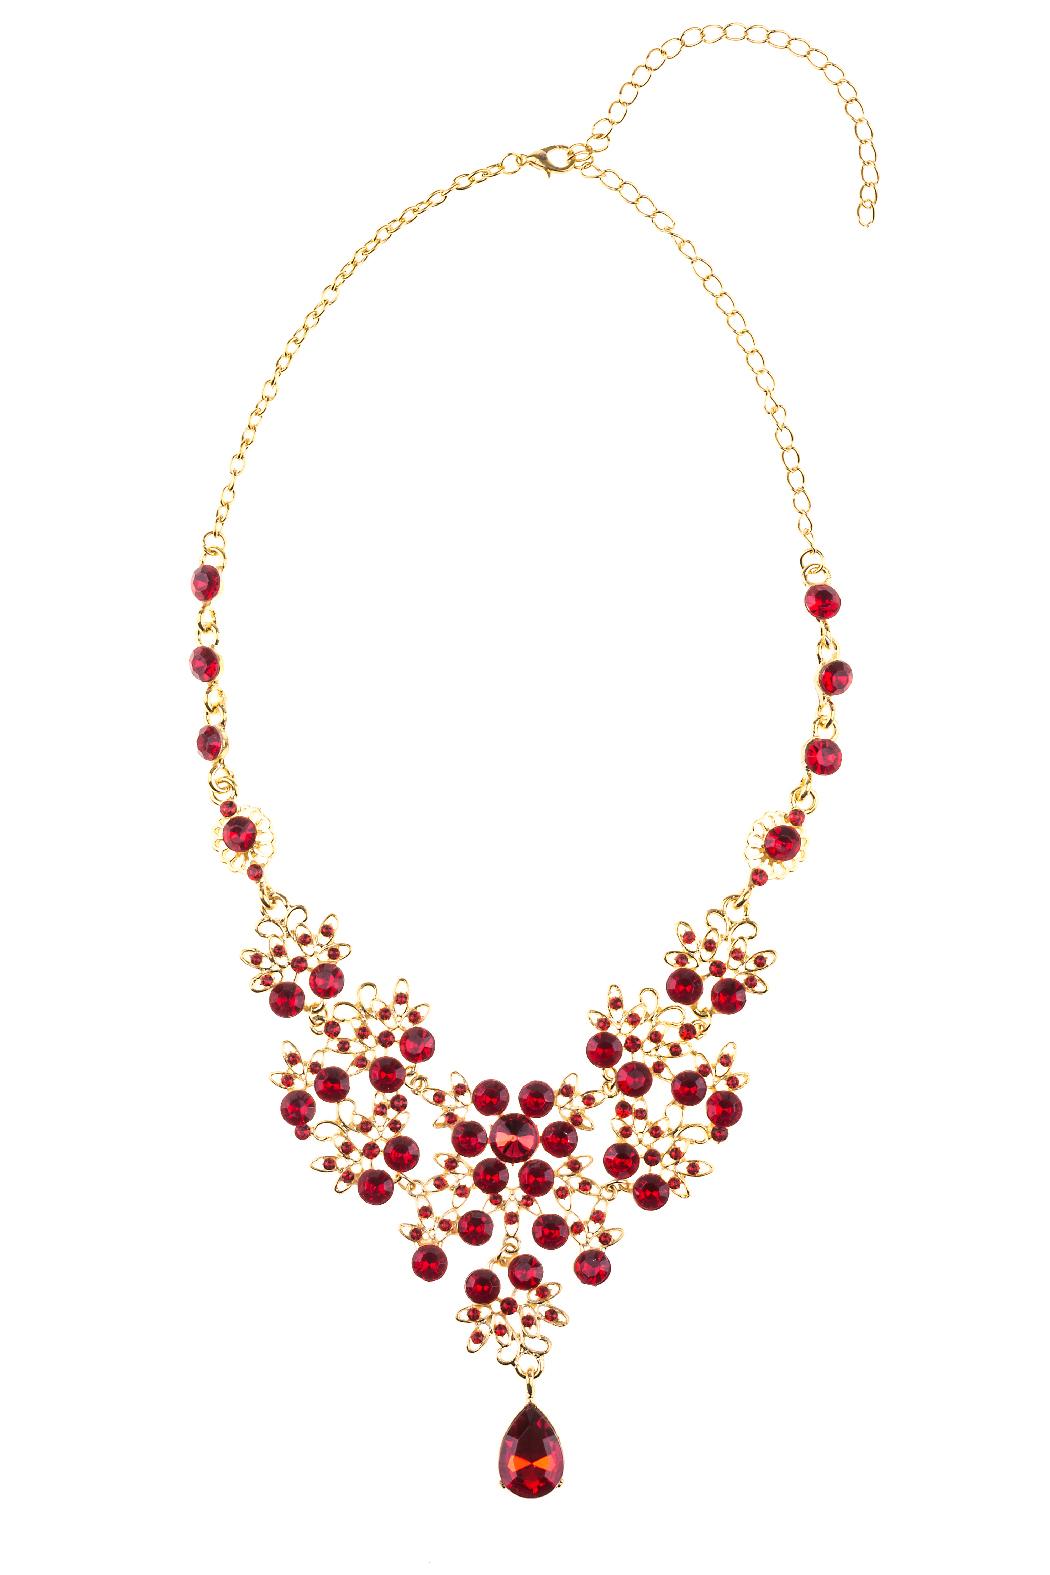 günstigen preis genießen neu billig speziell für Schuh Cara Mia Halskette für Damen sehr edle Statementkette in gold und rot